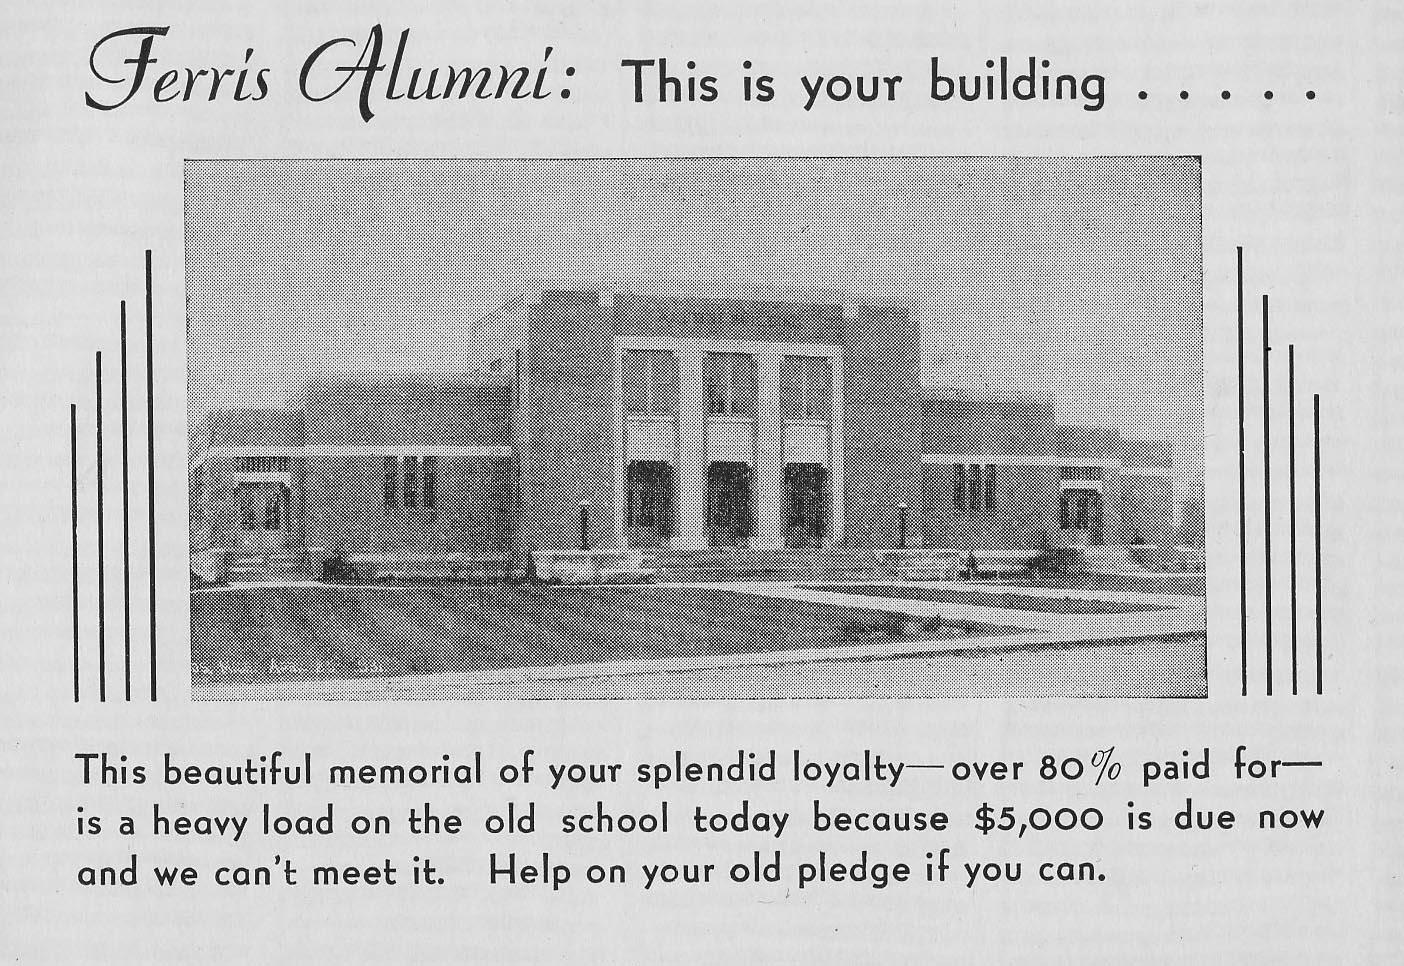 Ferris Alumni Building